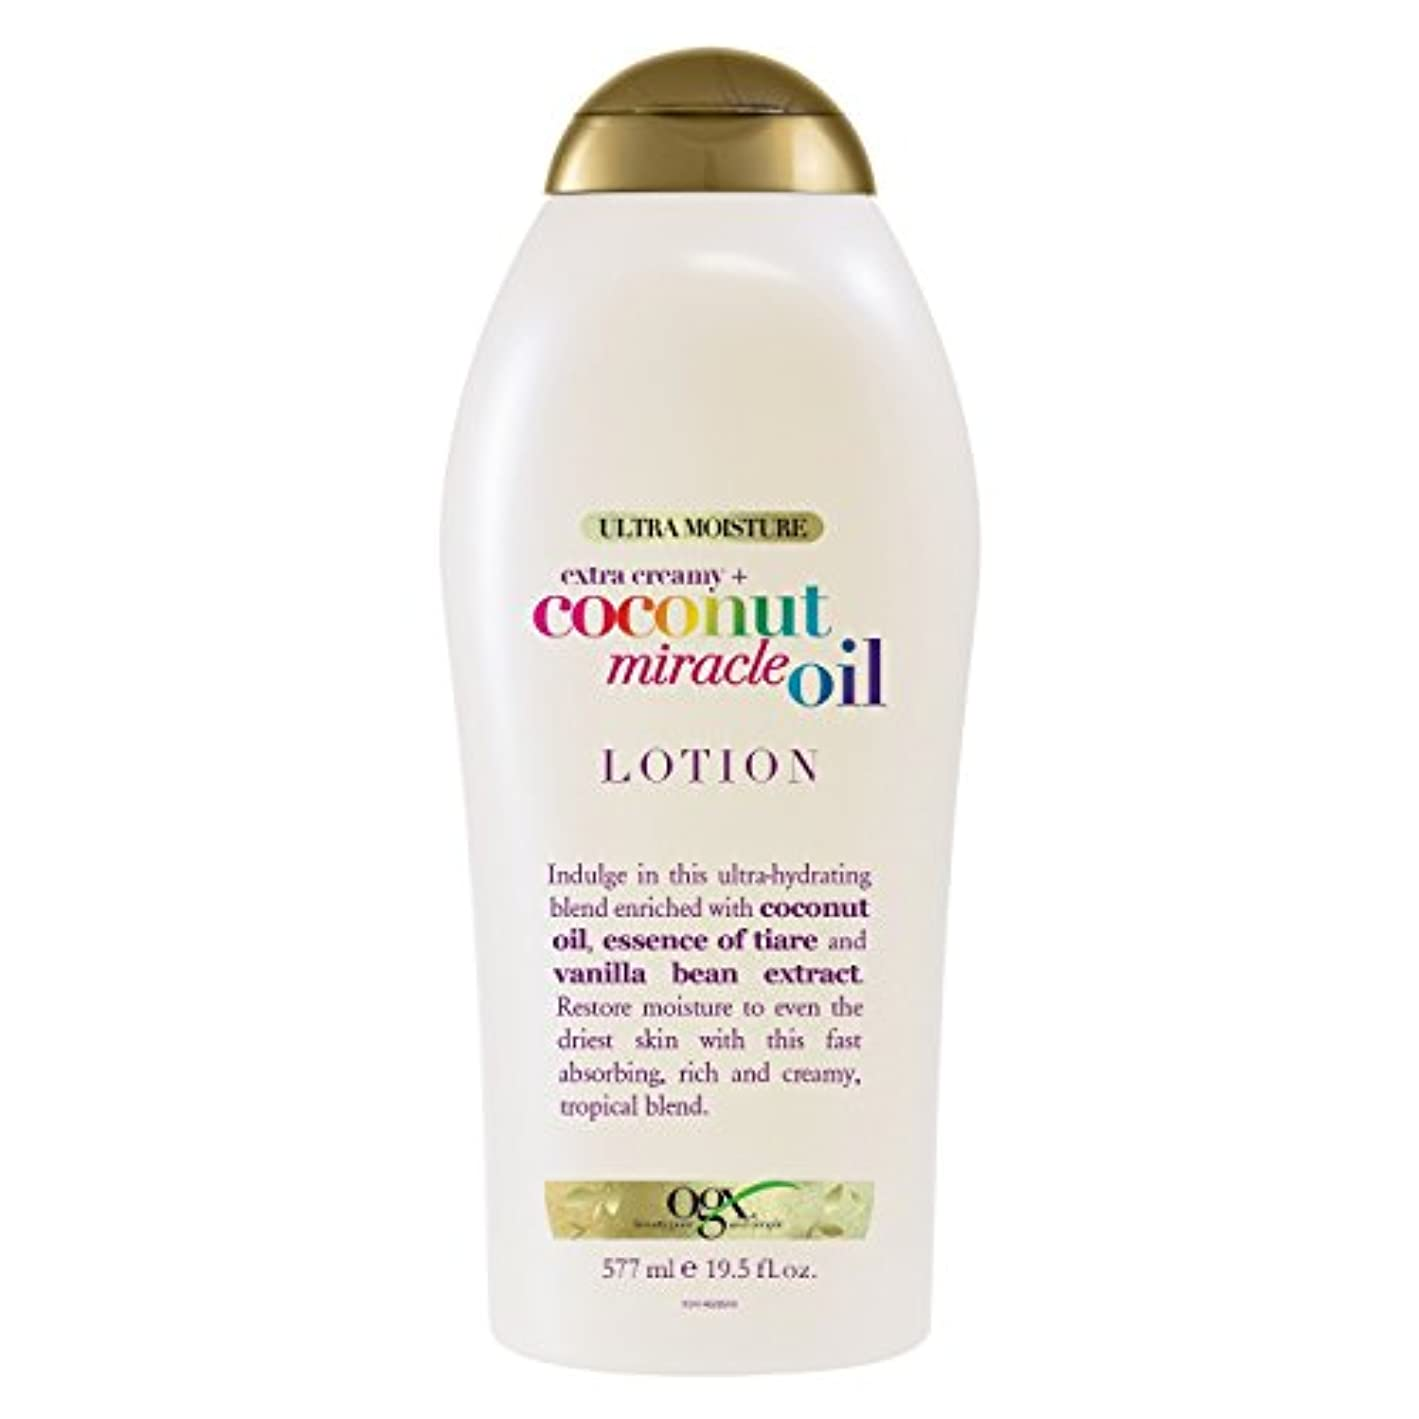 激しい穀物パステルOGX ミラクル ココナッツ オイル ボディローション Body Lotion Coconut Oil Miracle 19.5 Ounce (577ml) [並行輸入品]